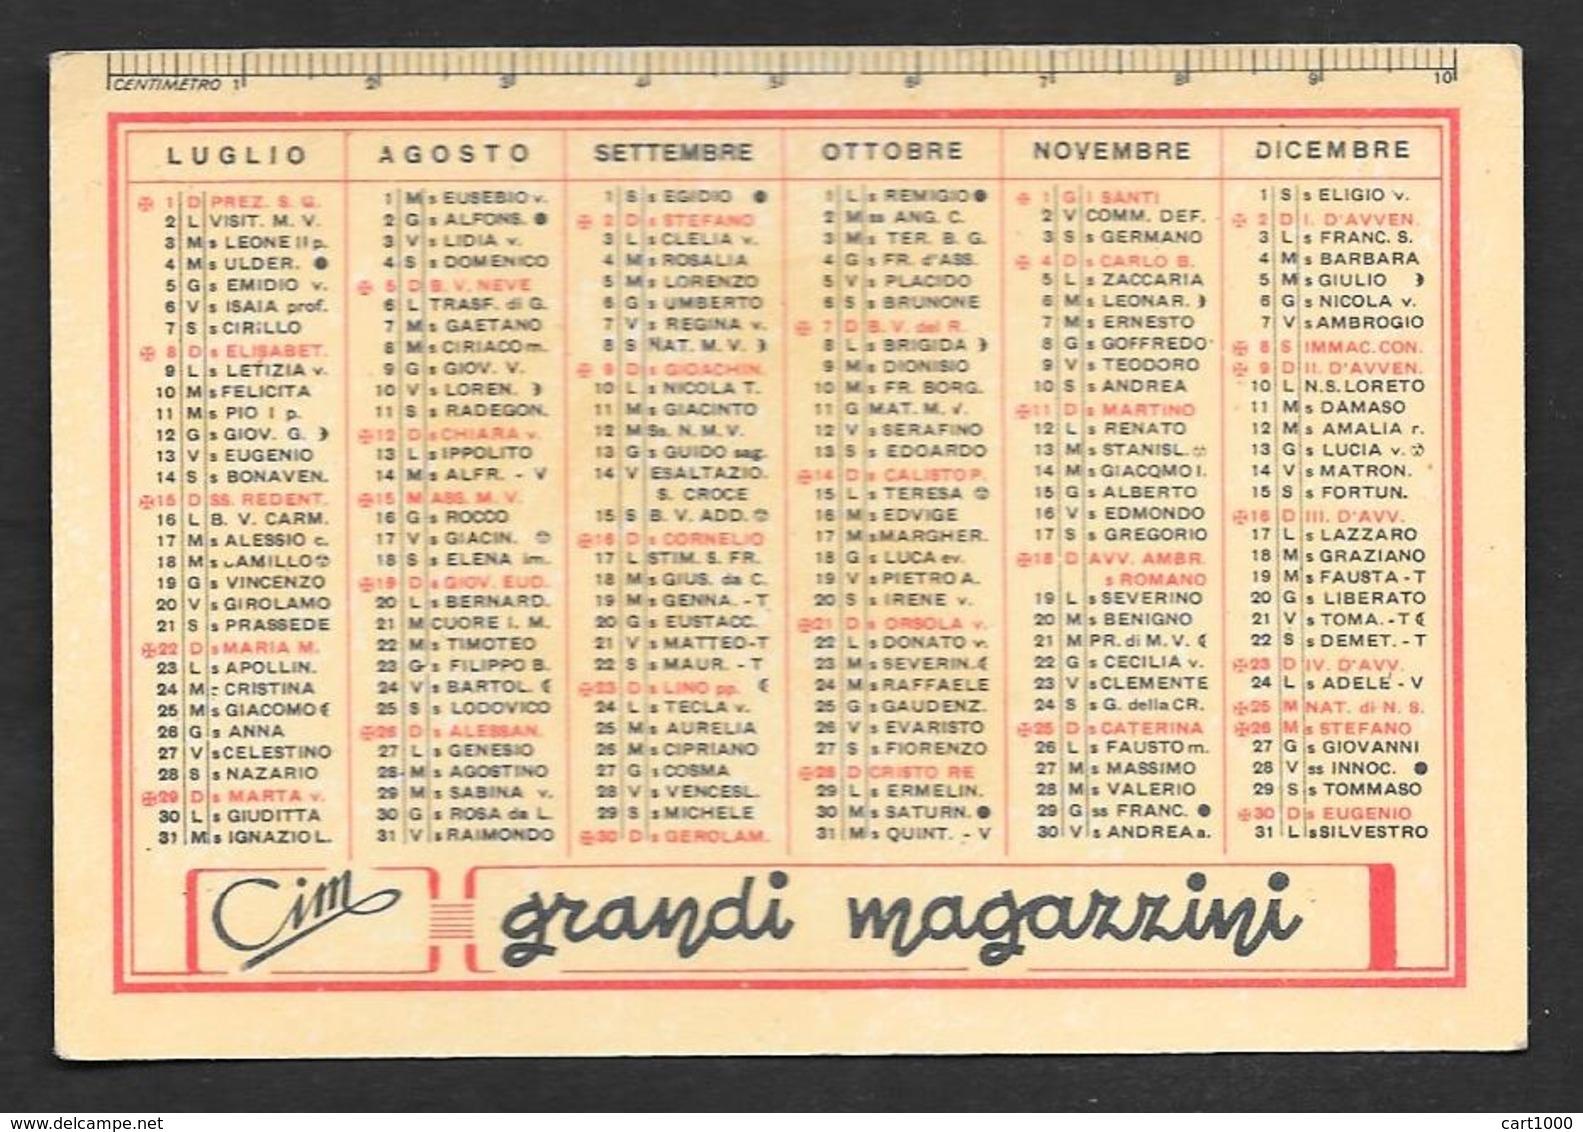 CALENDARIETTO TASCABILE 1951 CIM GRANDI MAGAZZINI - Calendriers